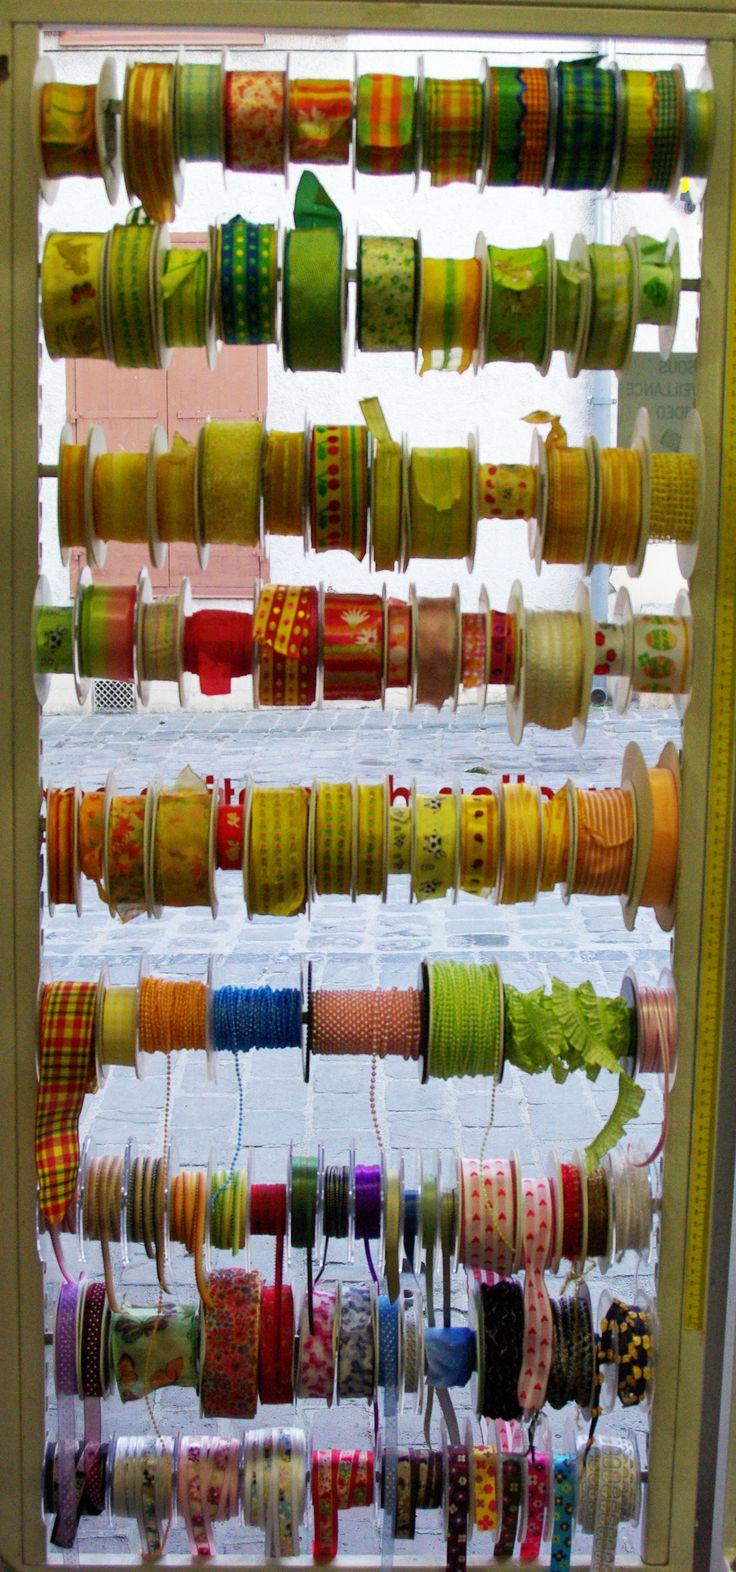 Différents coloris et motifs de rubans pour l'arrivée des beaux jours. Disponibles au rayon Mercerie de votre magasin